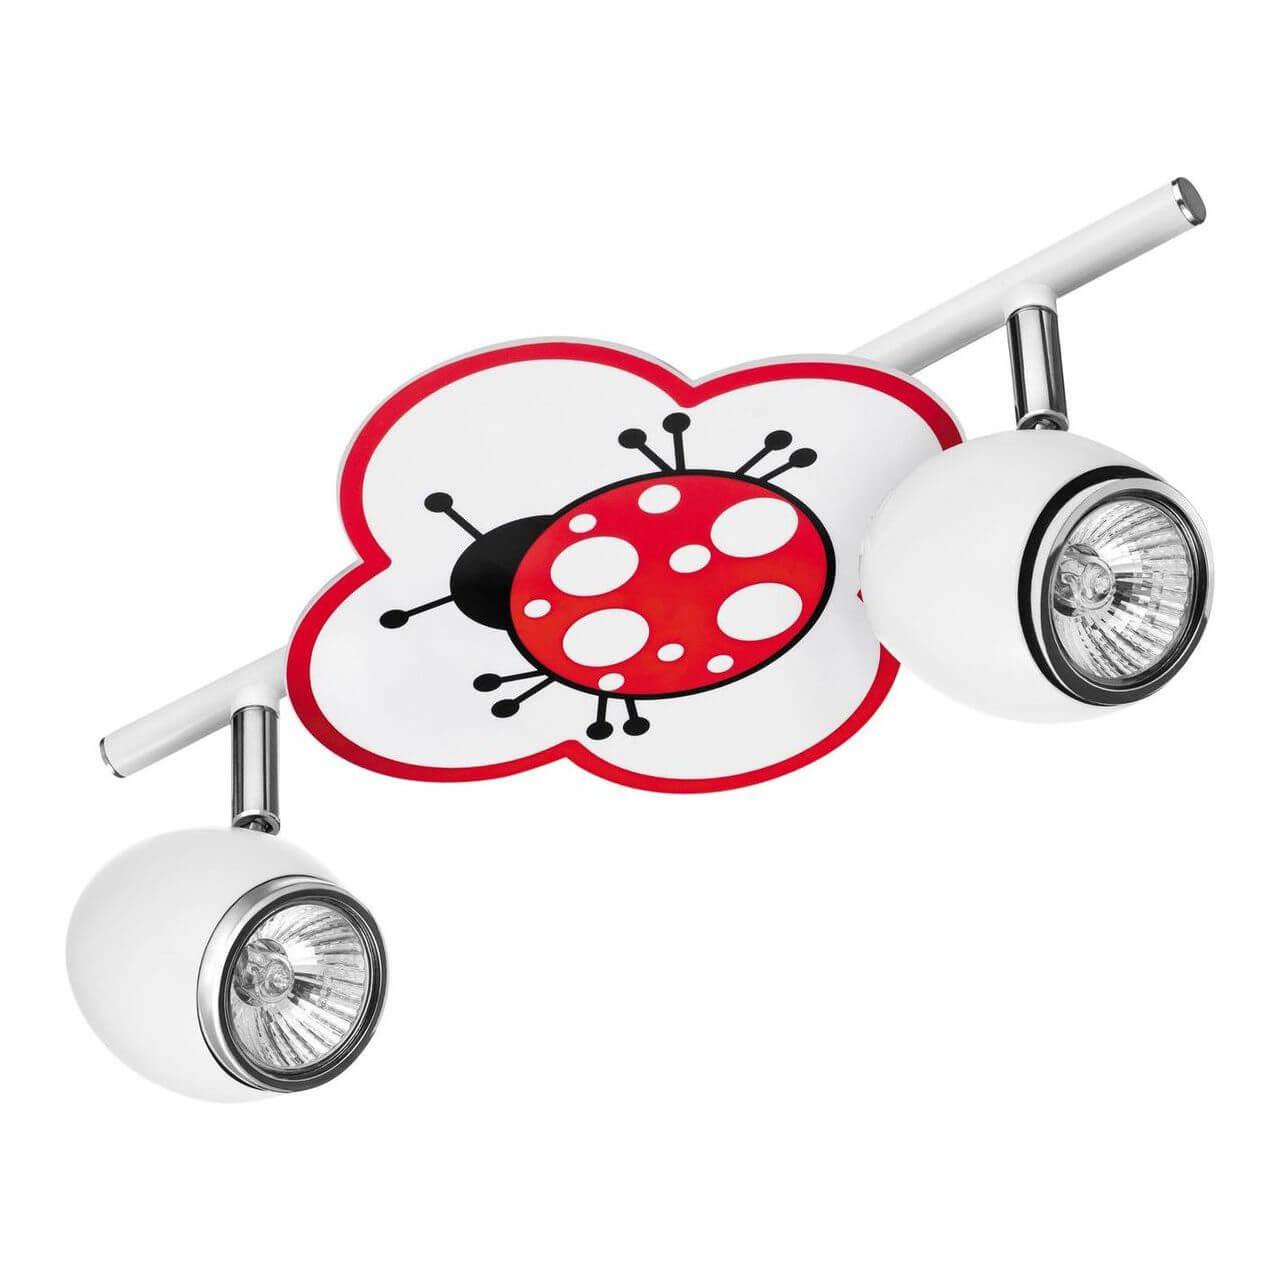 лучшая цена Светодиодный спот Britop Fly 2209202